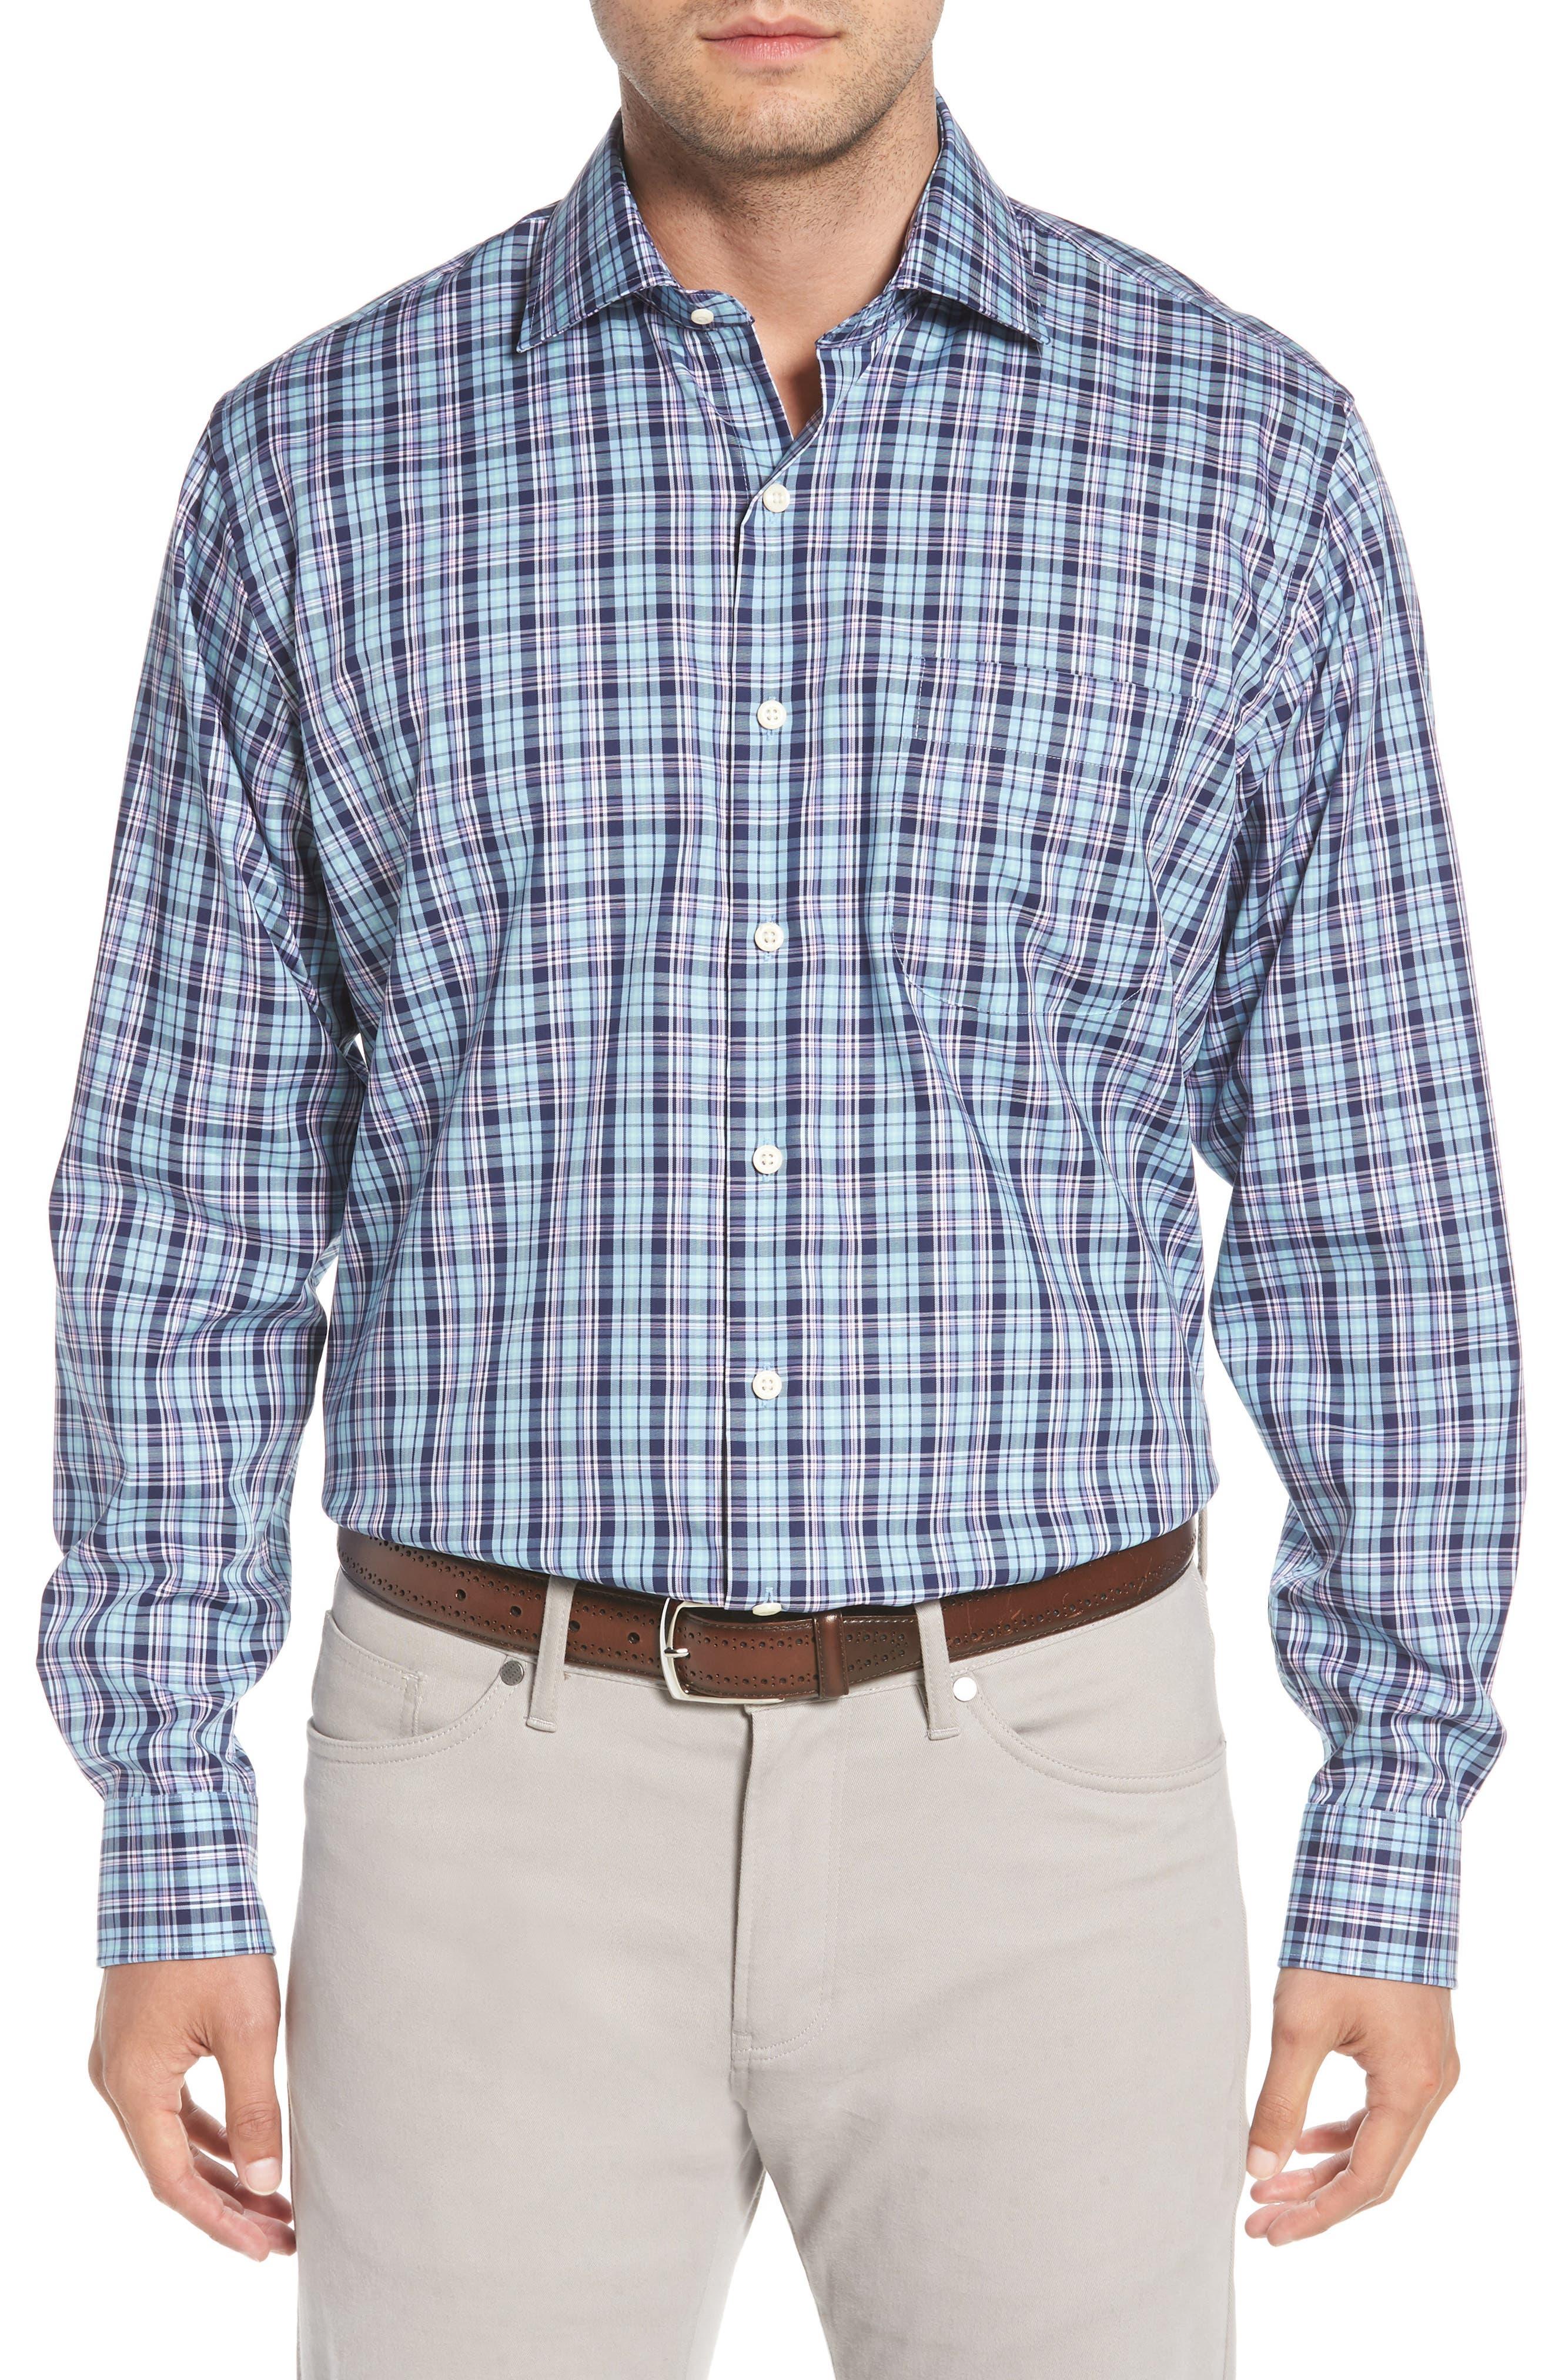 Crown Ease Laguna Plaid Sport Shirt,                             Main thumbnail 1, color,                             Tar Heel Blue